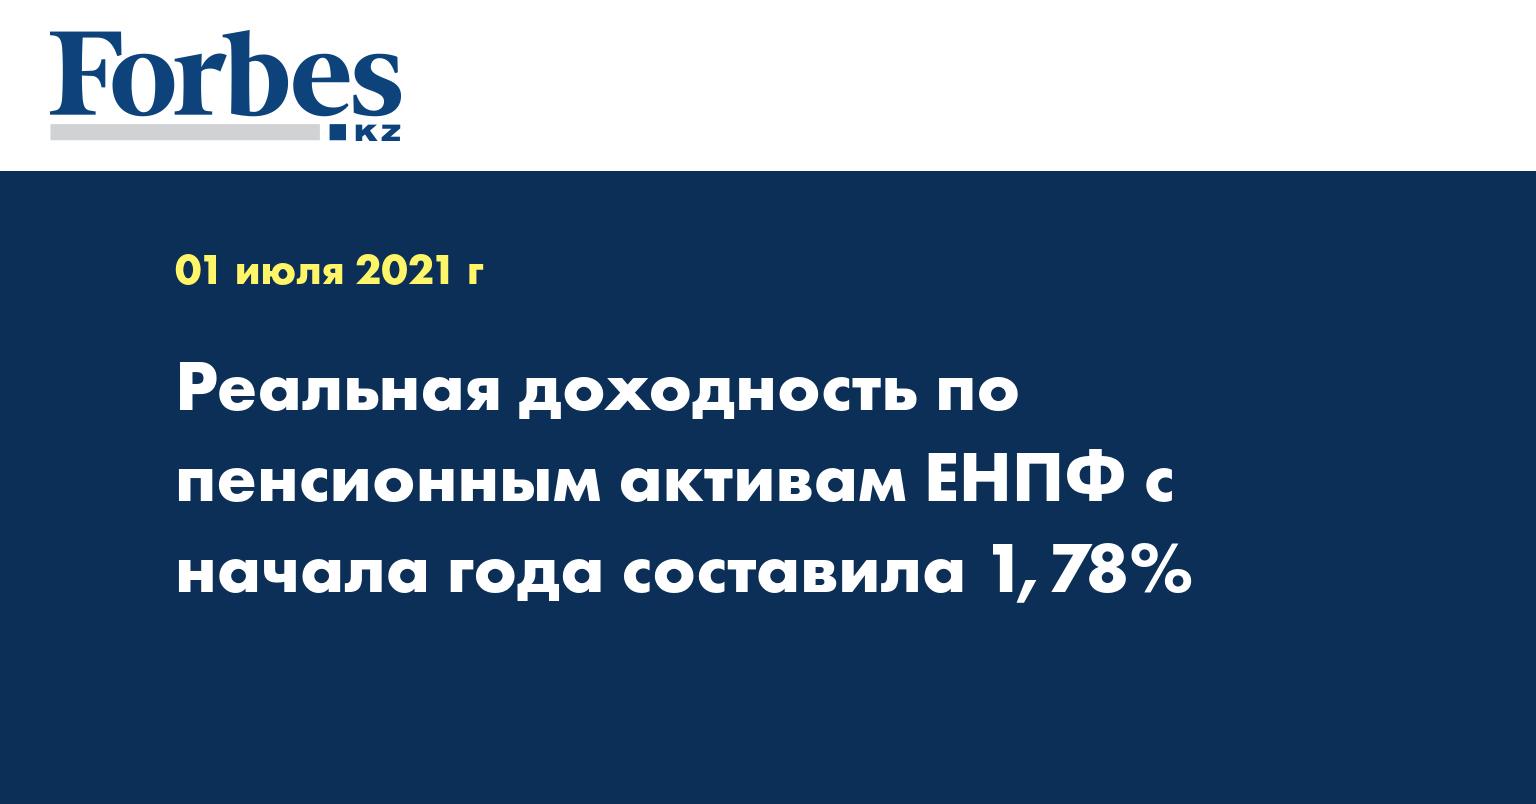 Реальная доходность по пенсионным активам ЕНПФ с начала года составила 1,78%